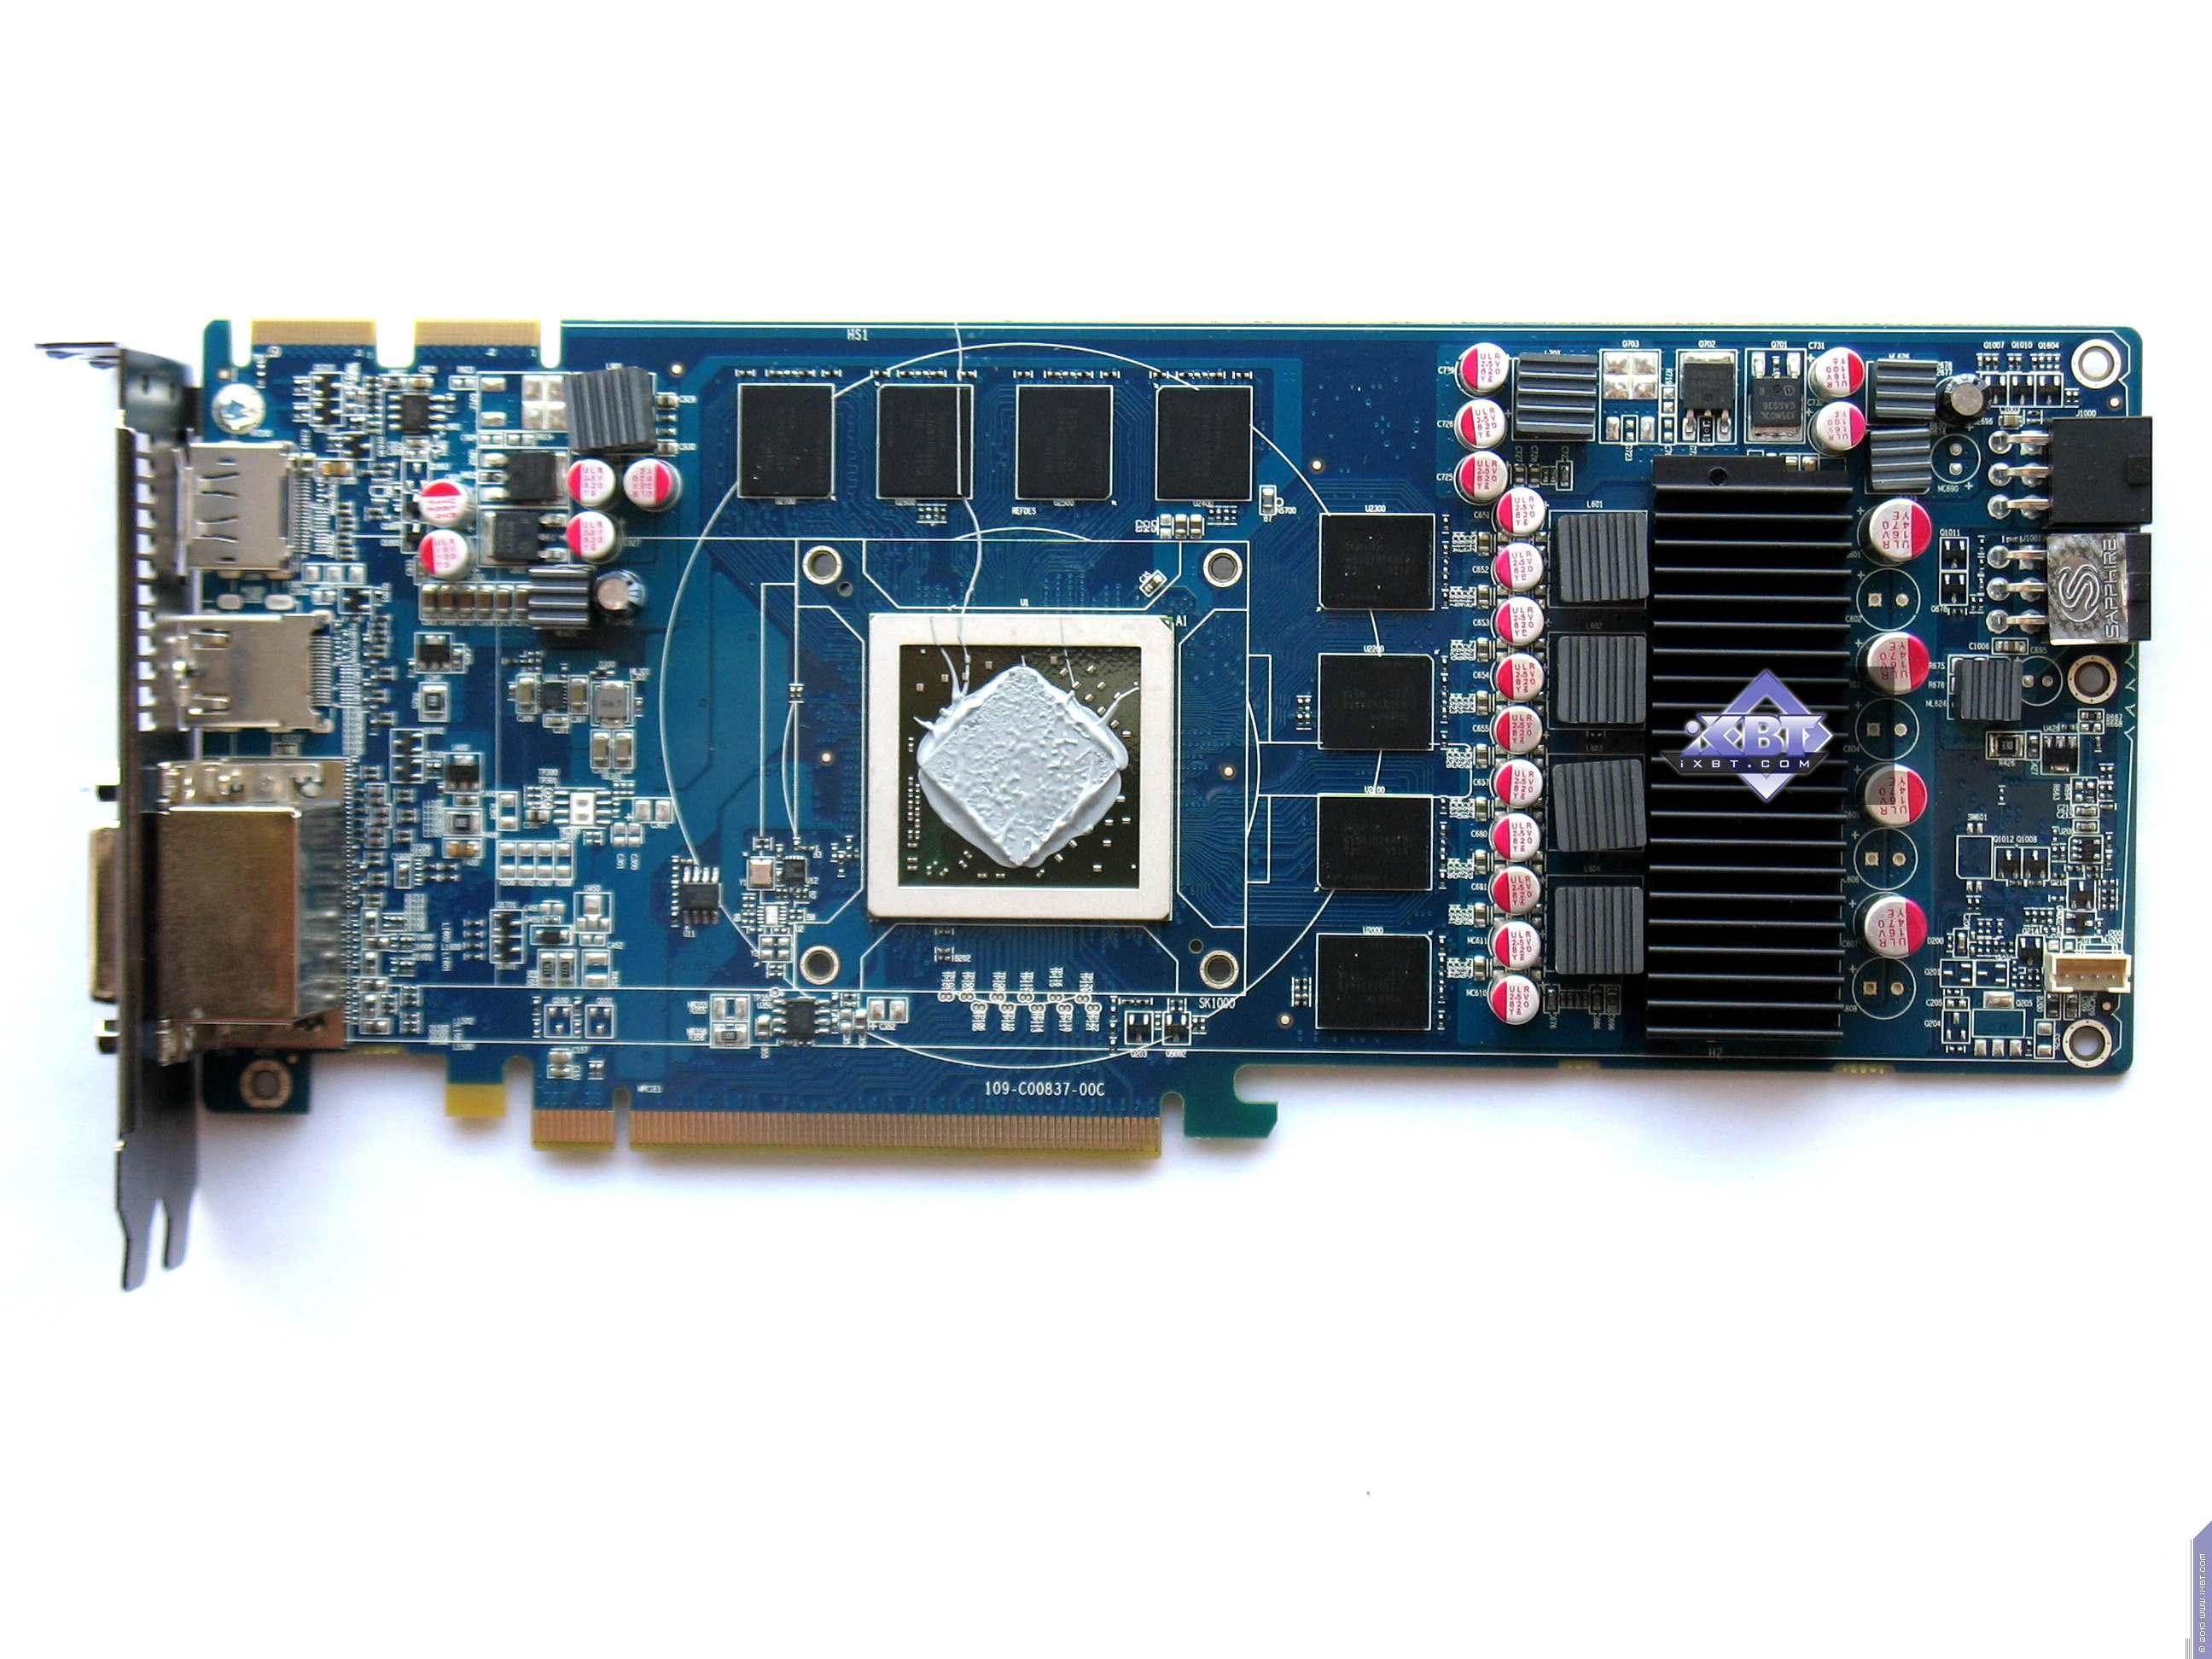 ATI MOBILITY RADEON HD 5850 WINDOWS 7 DRIVER